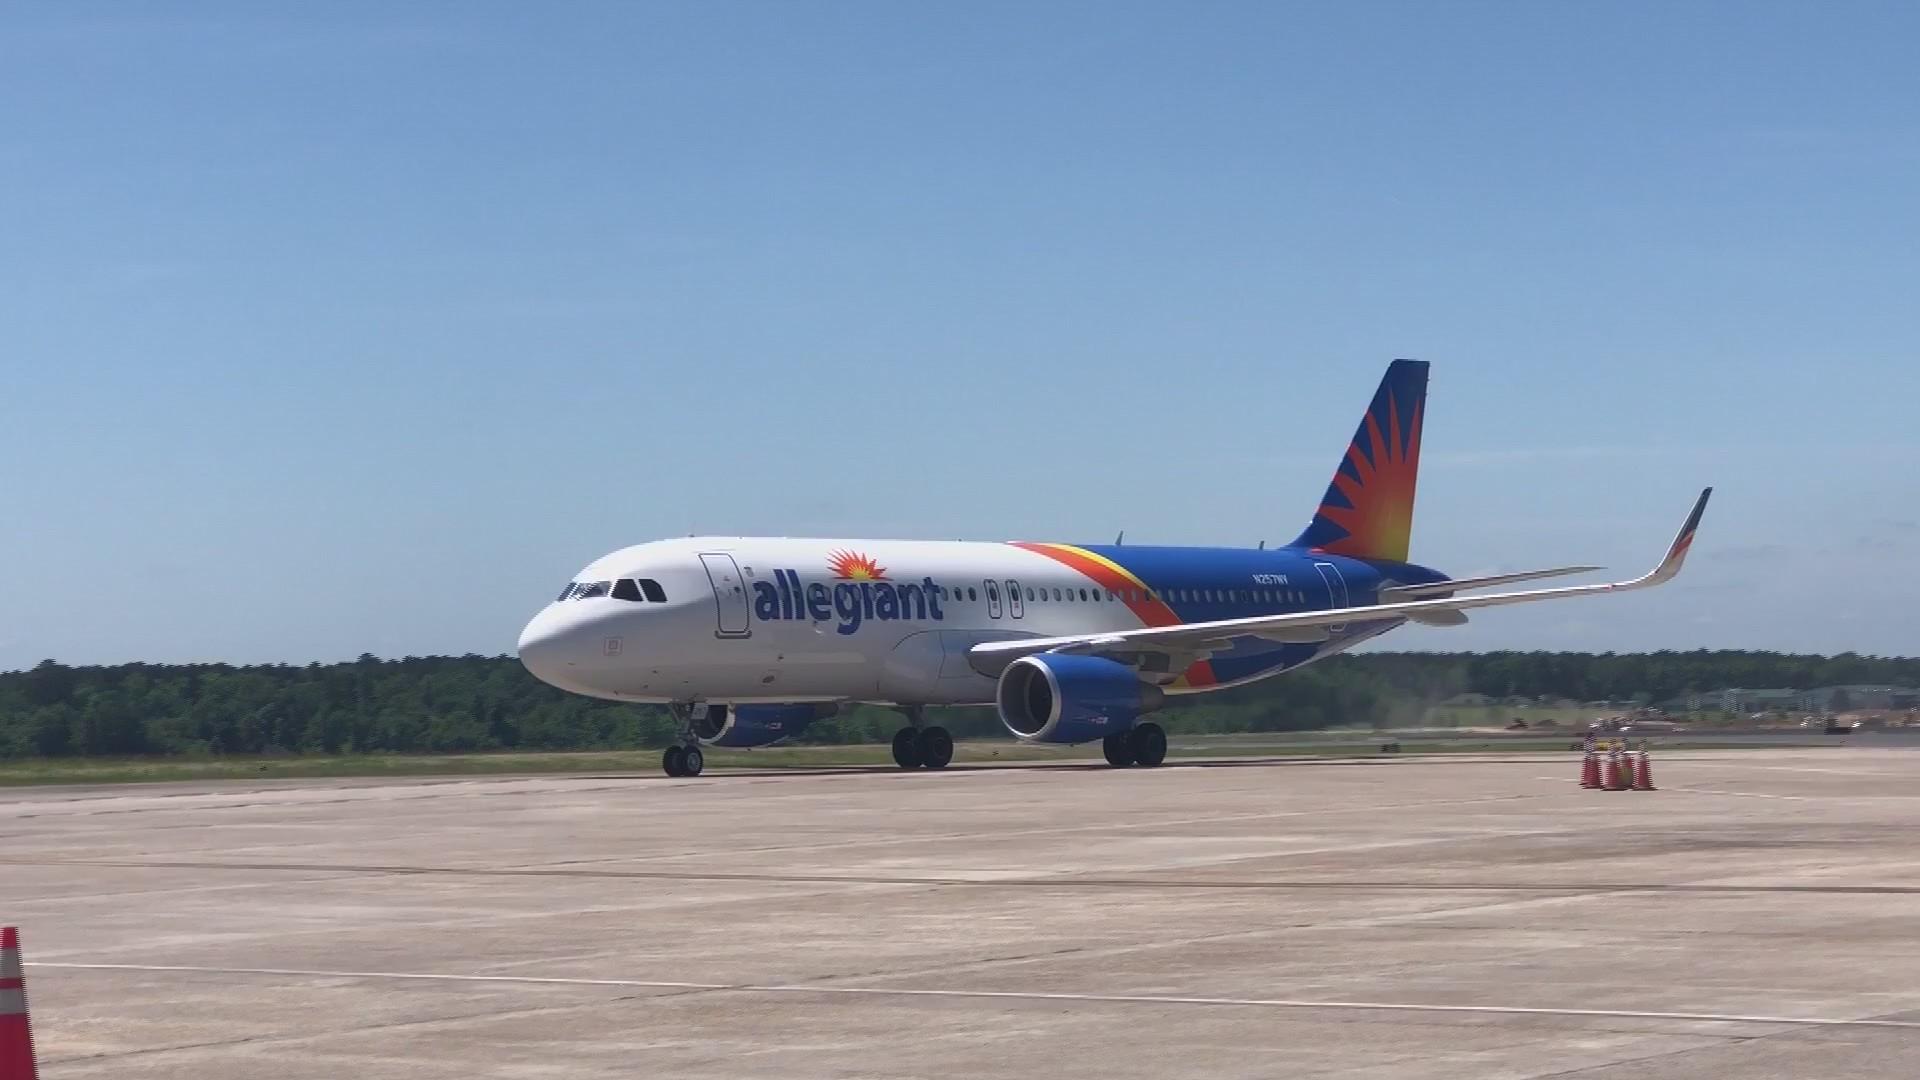 Allegiant's New Flight in Shreveport